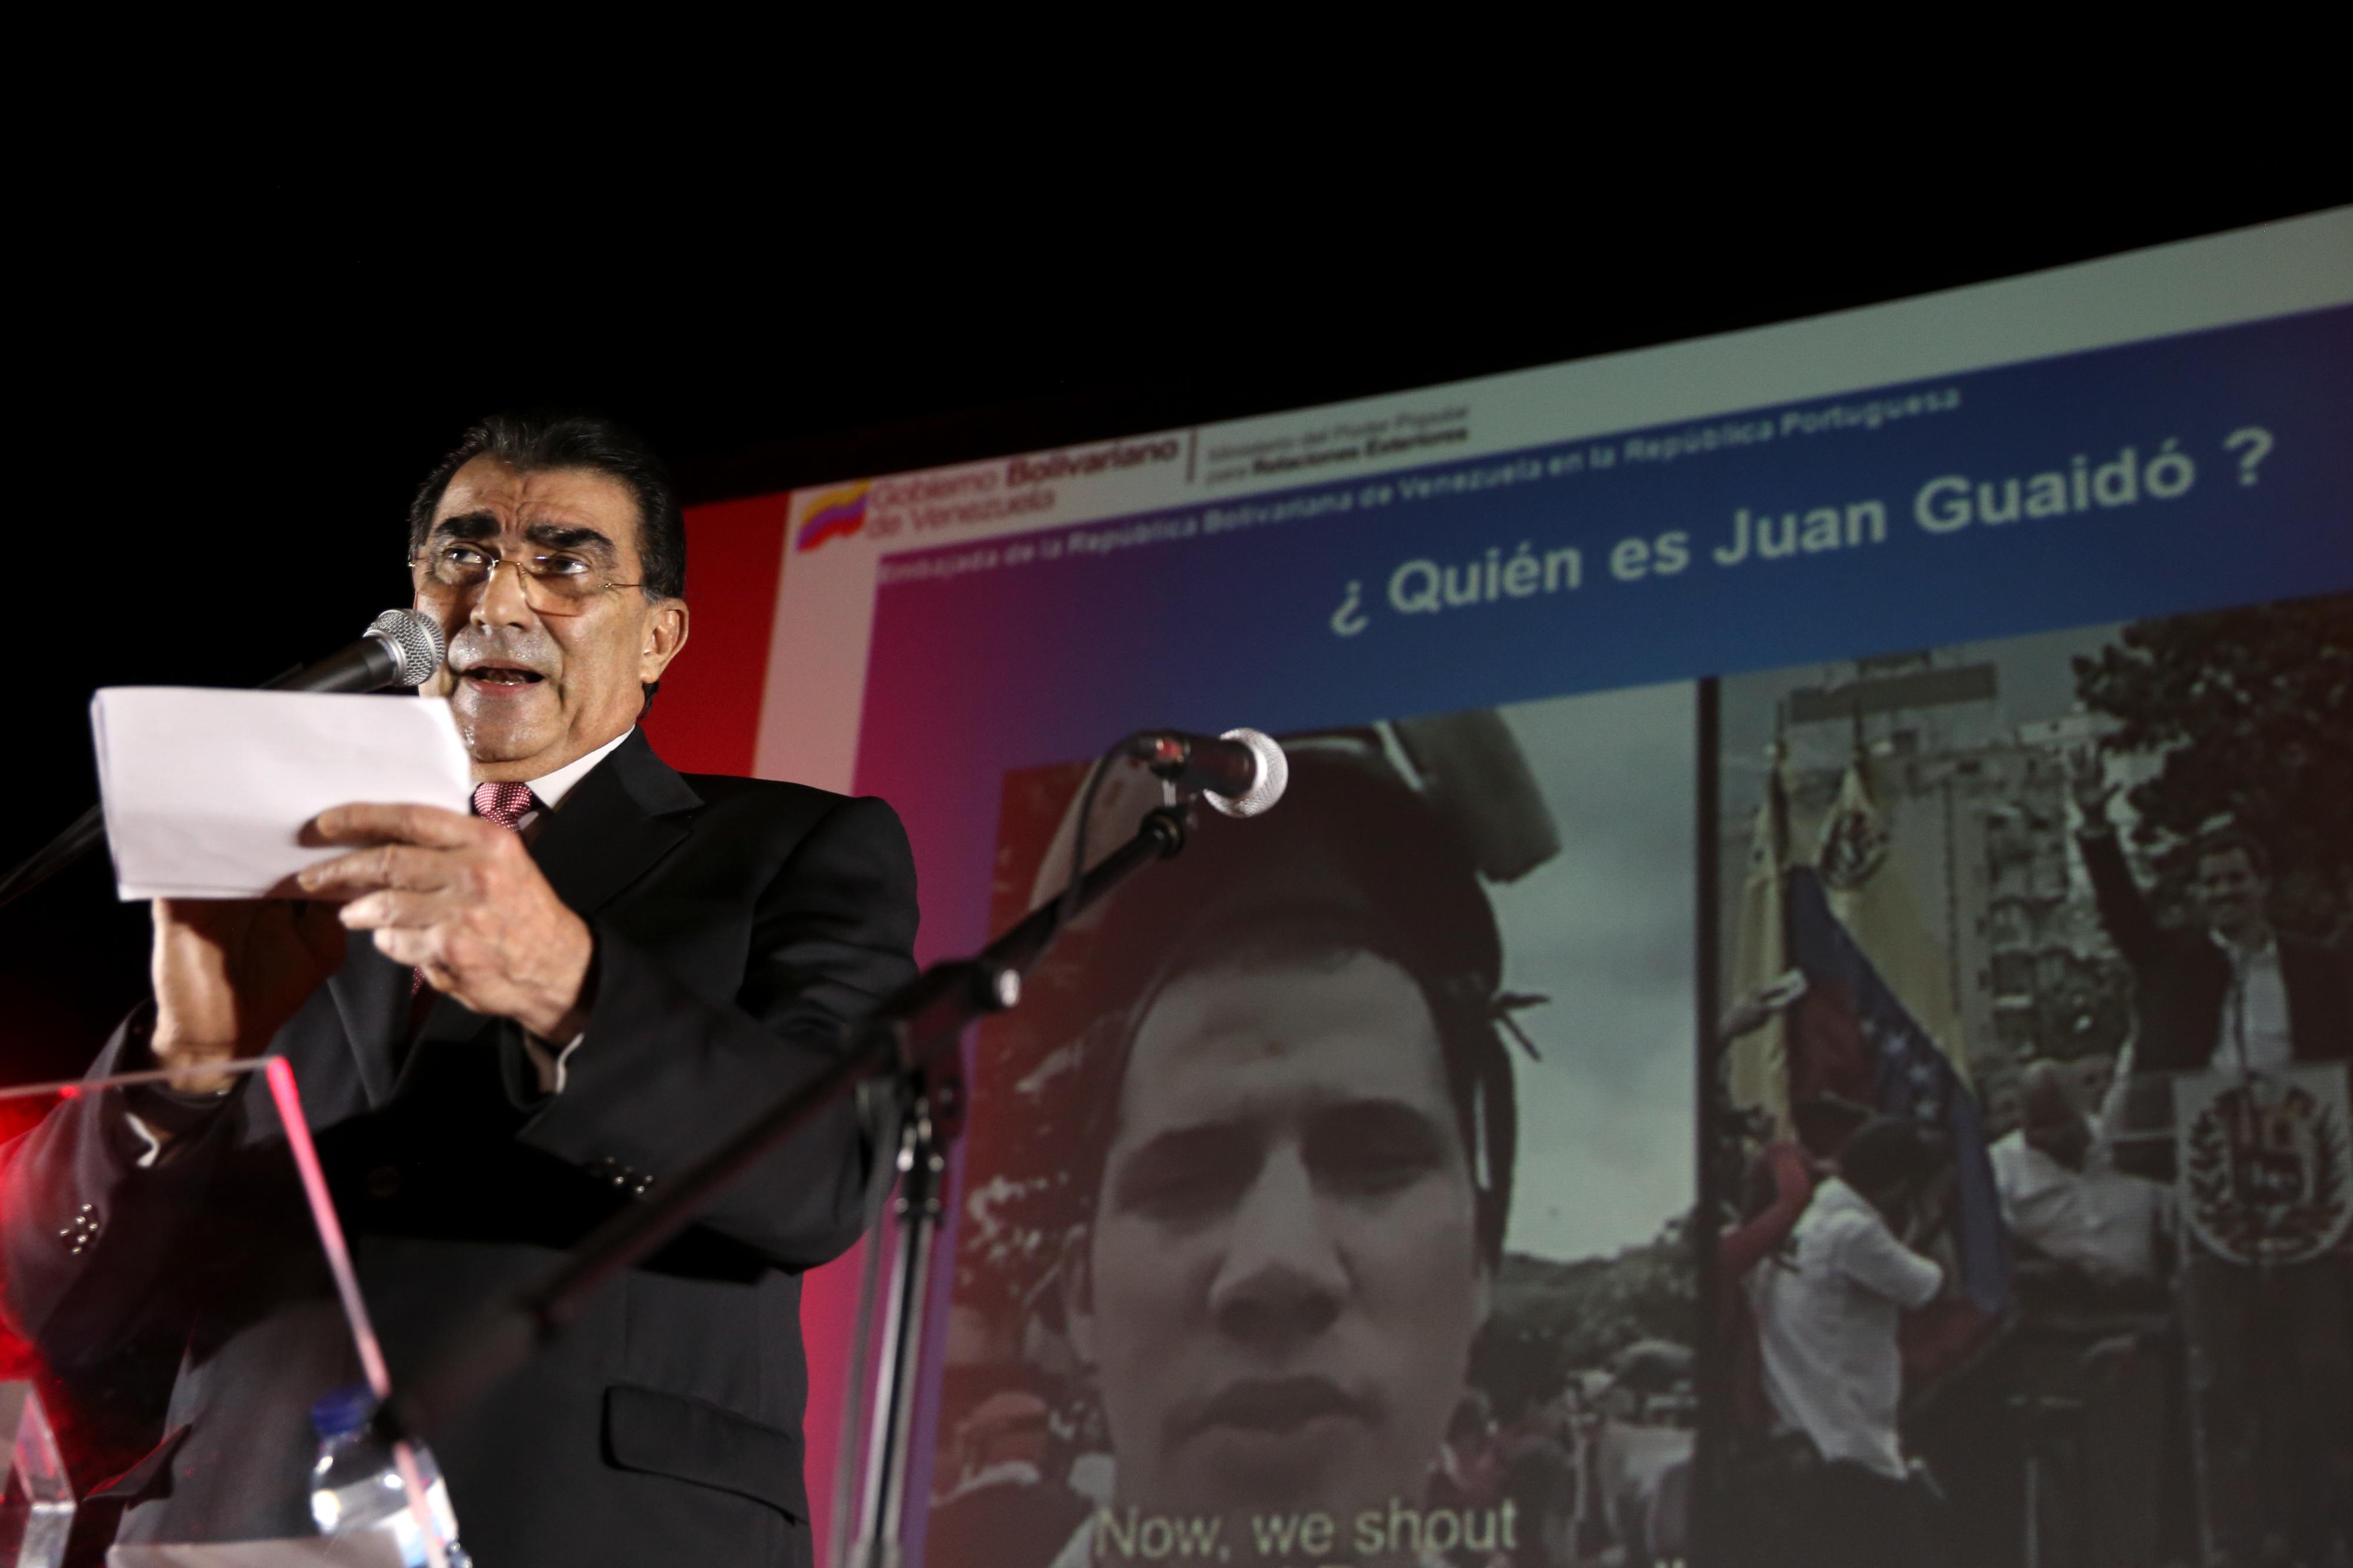 """Começou o """"Concerto pela paz"""" promovido pelo regime de Nicolás Maduro"""